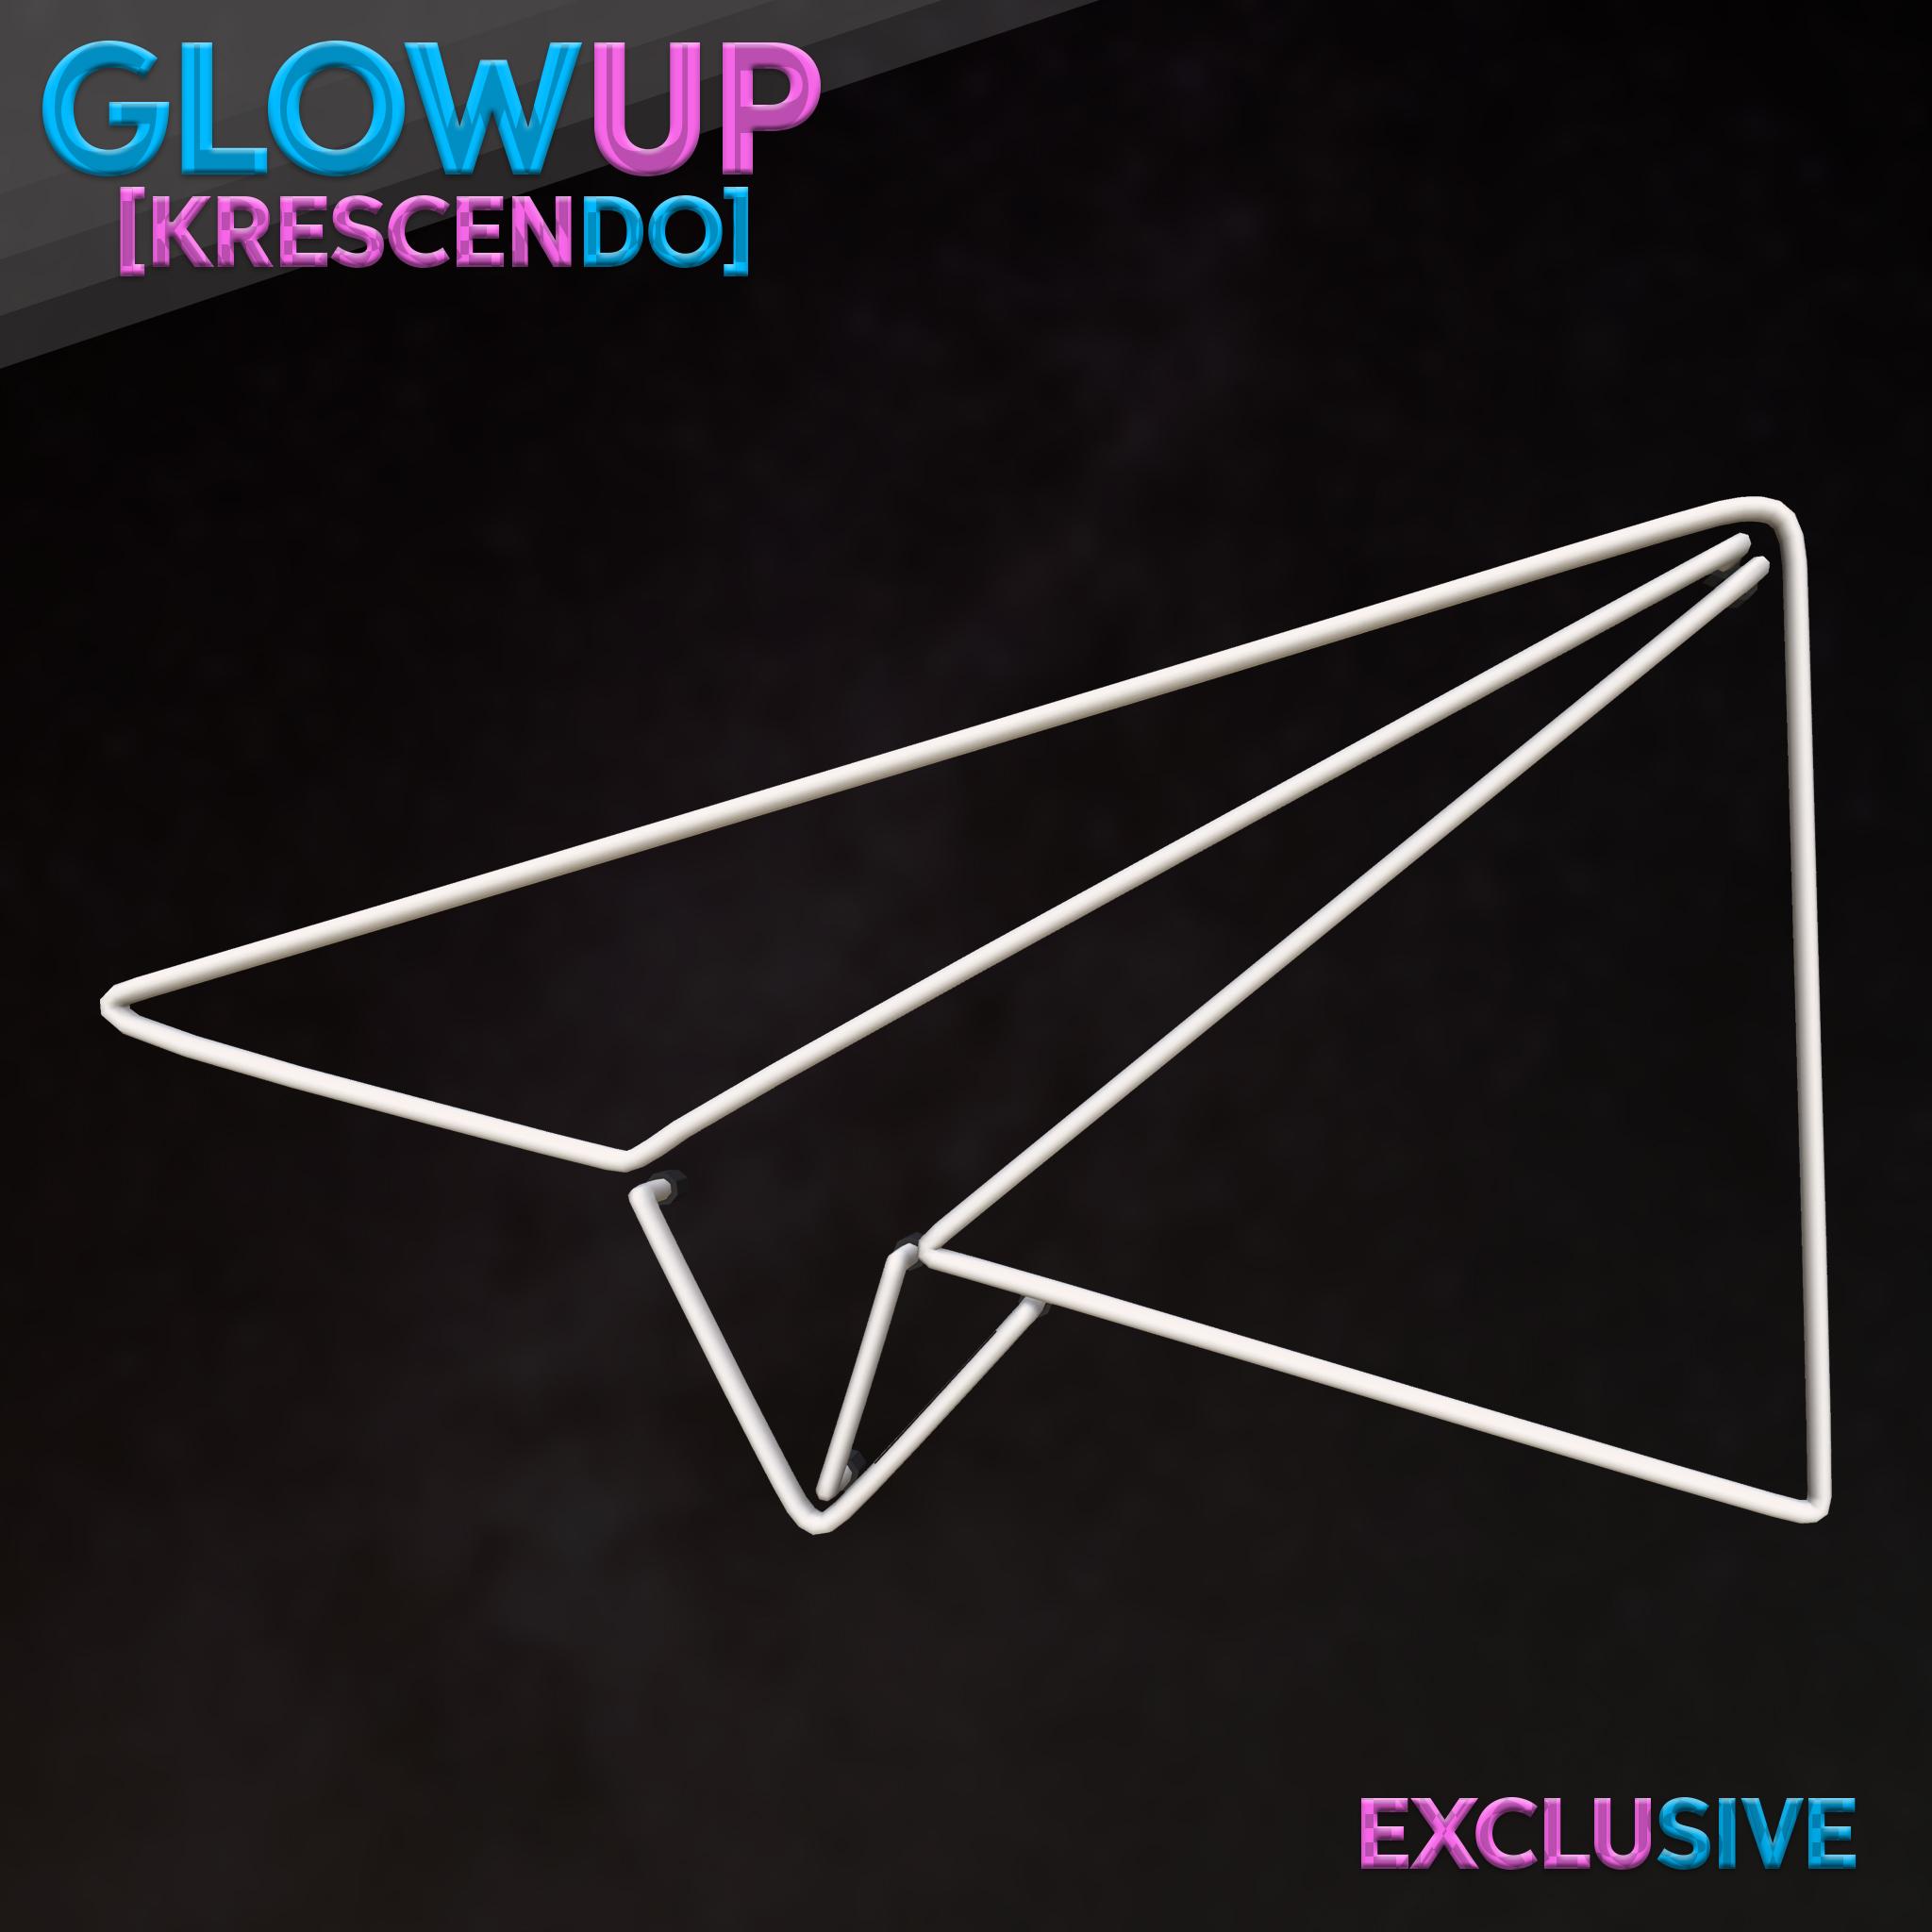 [Kres] GlowUp  Exclusive 2048.jpg